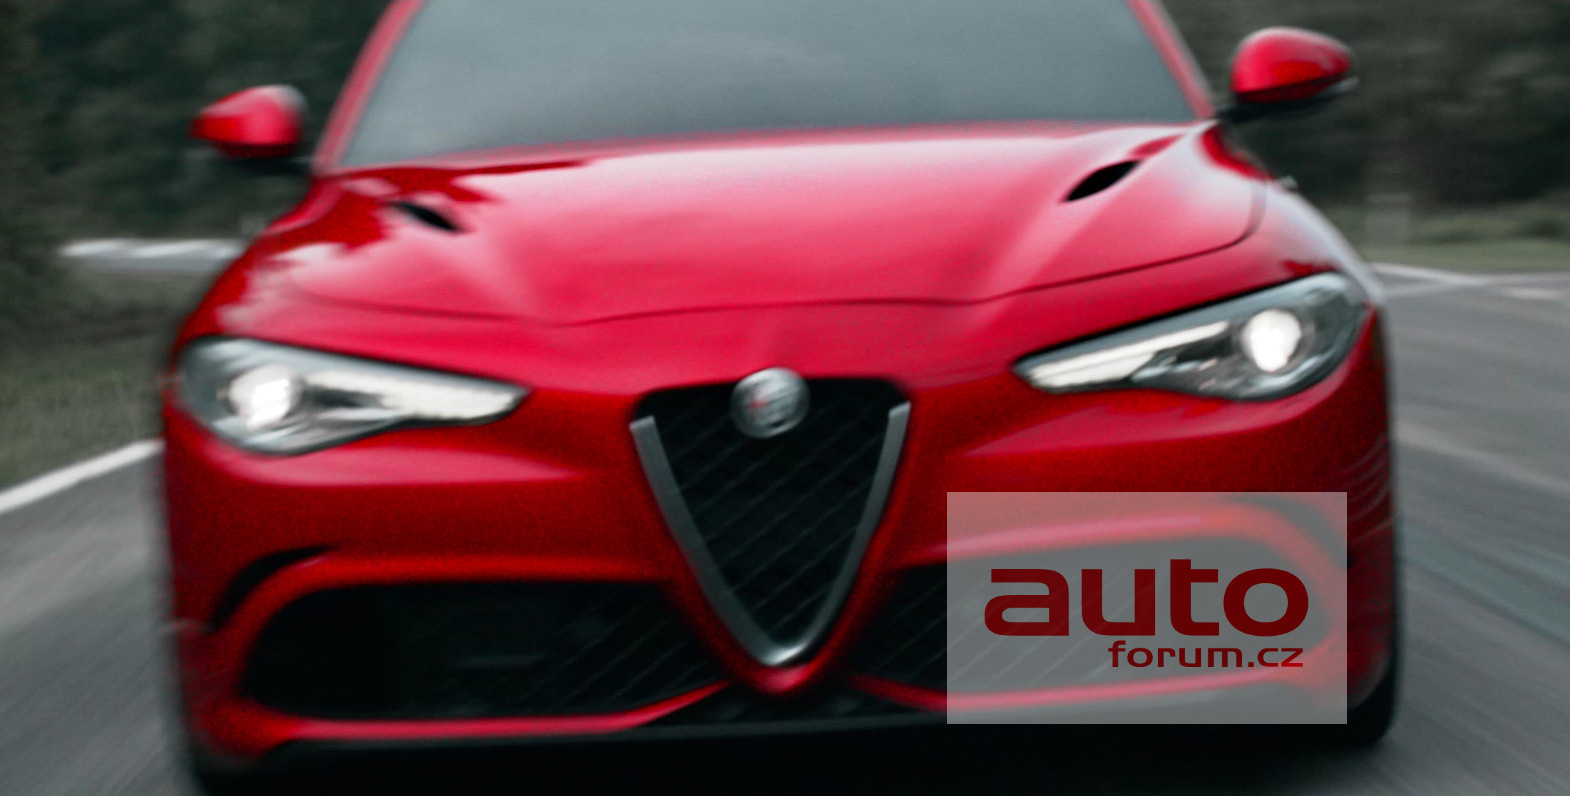 Alfa_Romeo_Giulia_2016_unik_vse_14.jpg